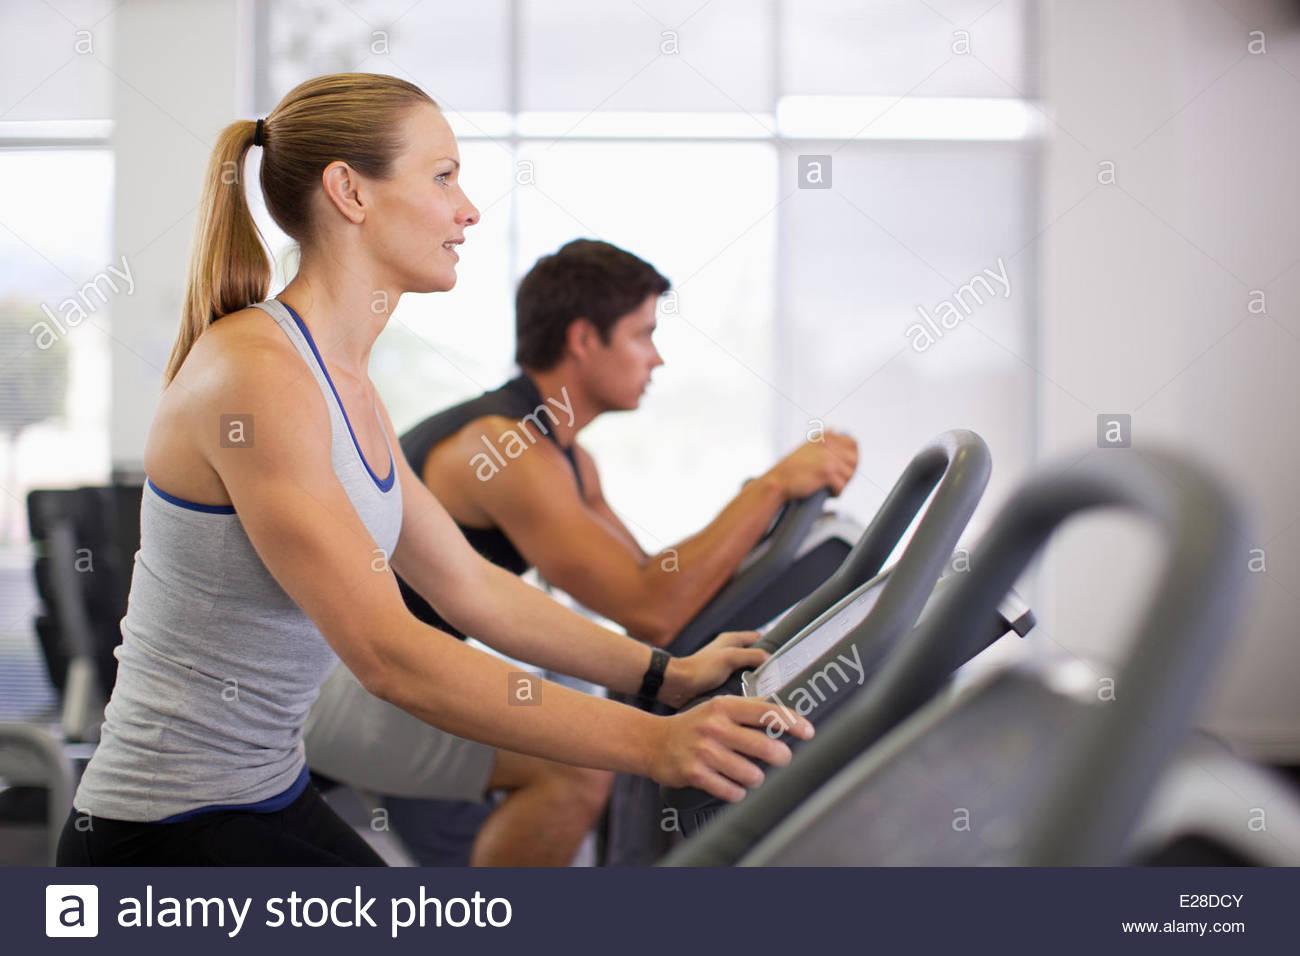 Dos personas en bicicletas de ejercicio en el gimnasio Imagen De Stock